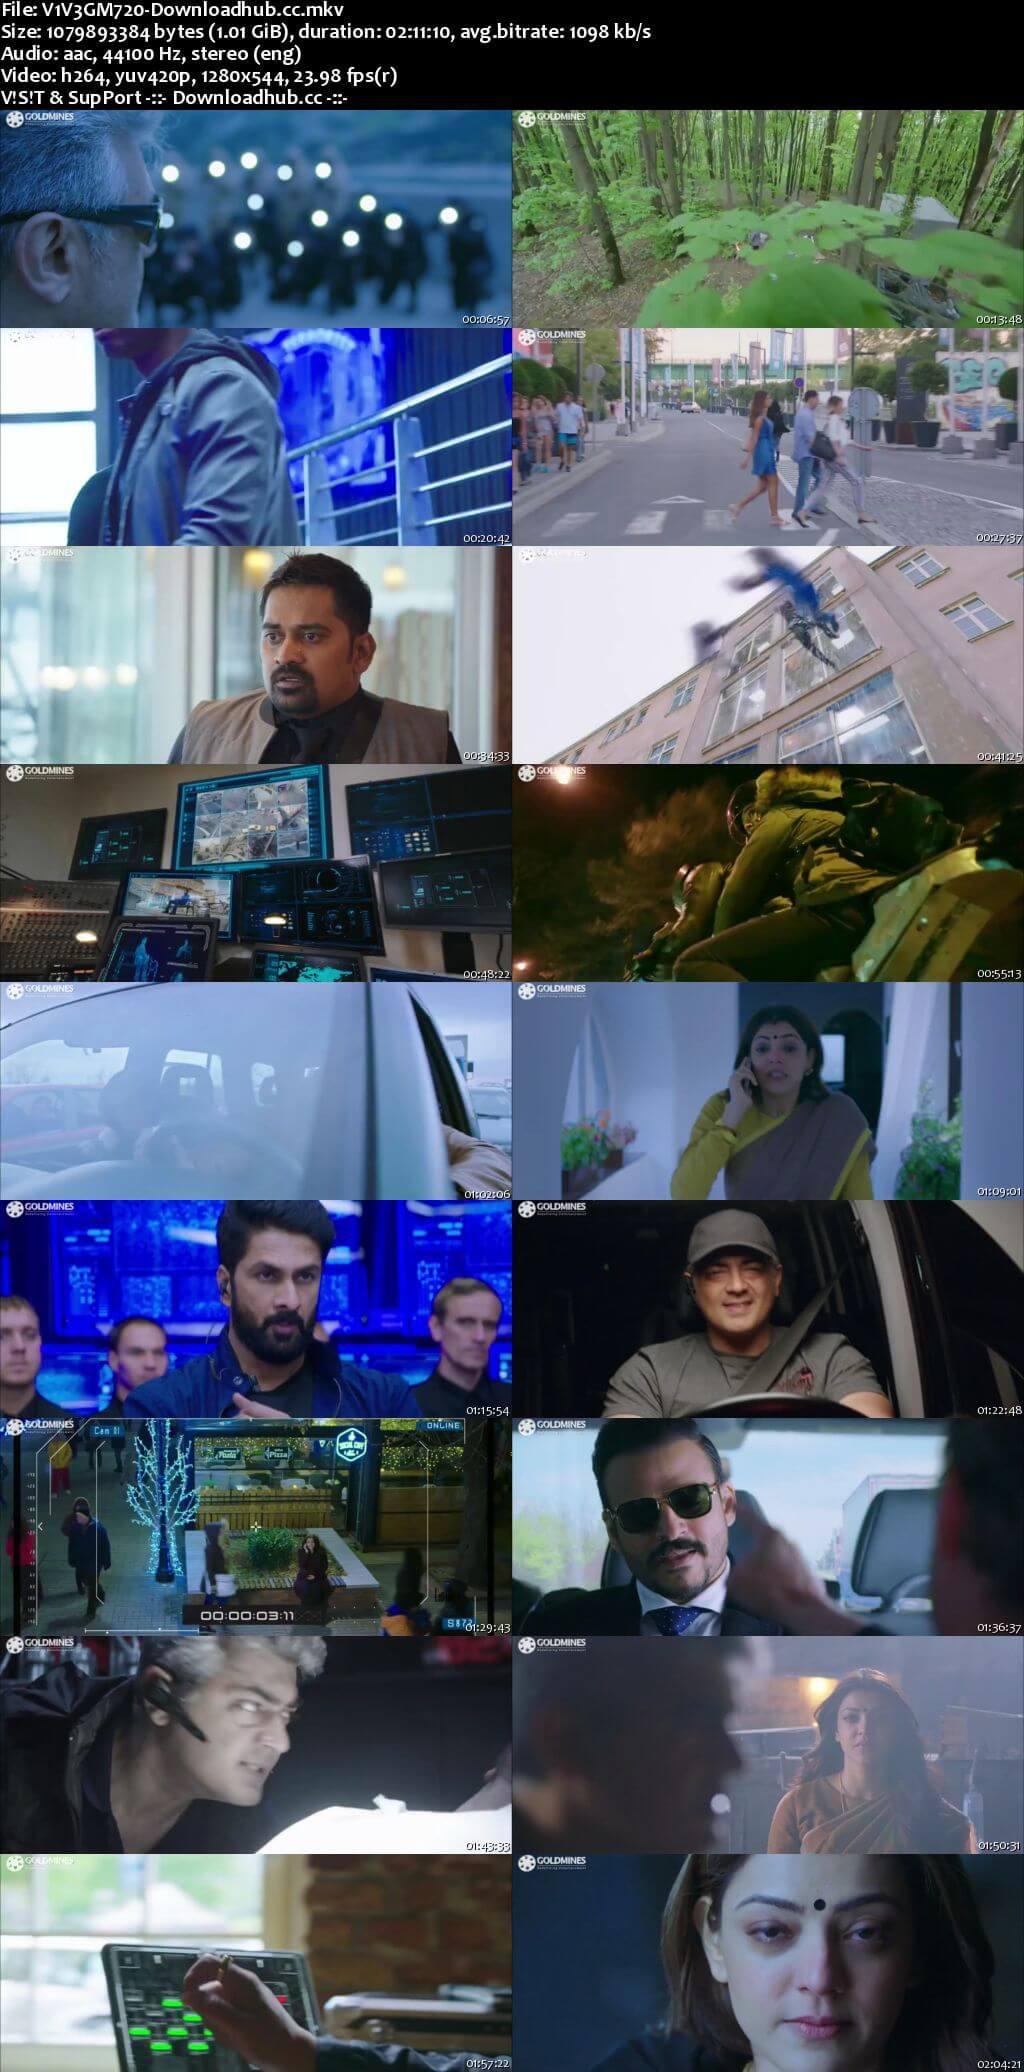 Vivegam 2018 Hindi Dubbed 720p HDRip